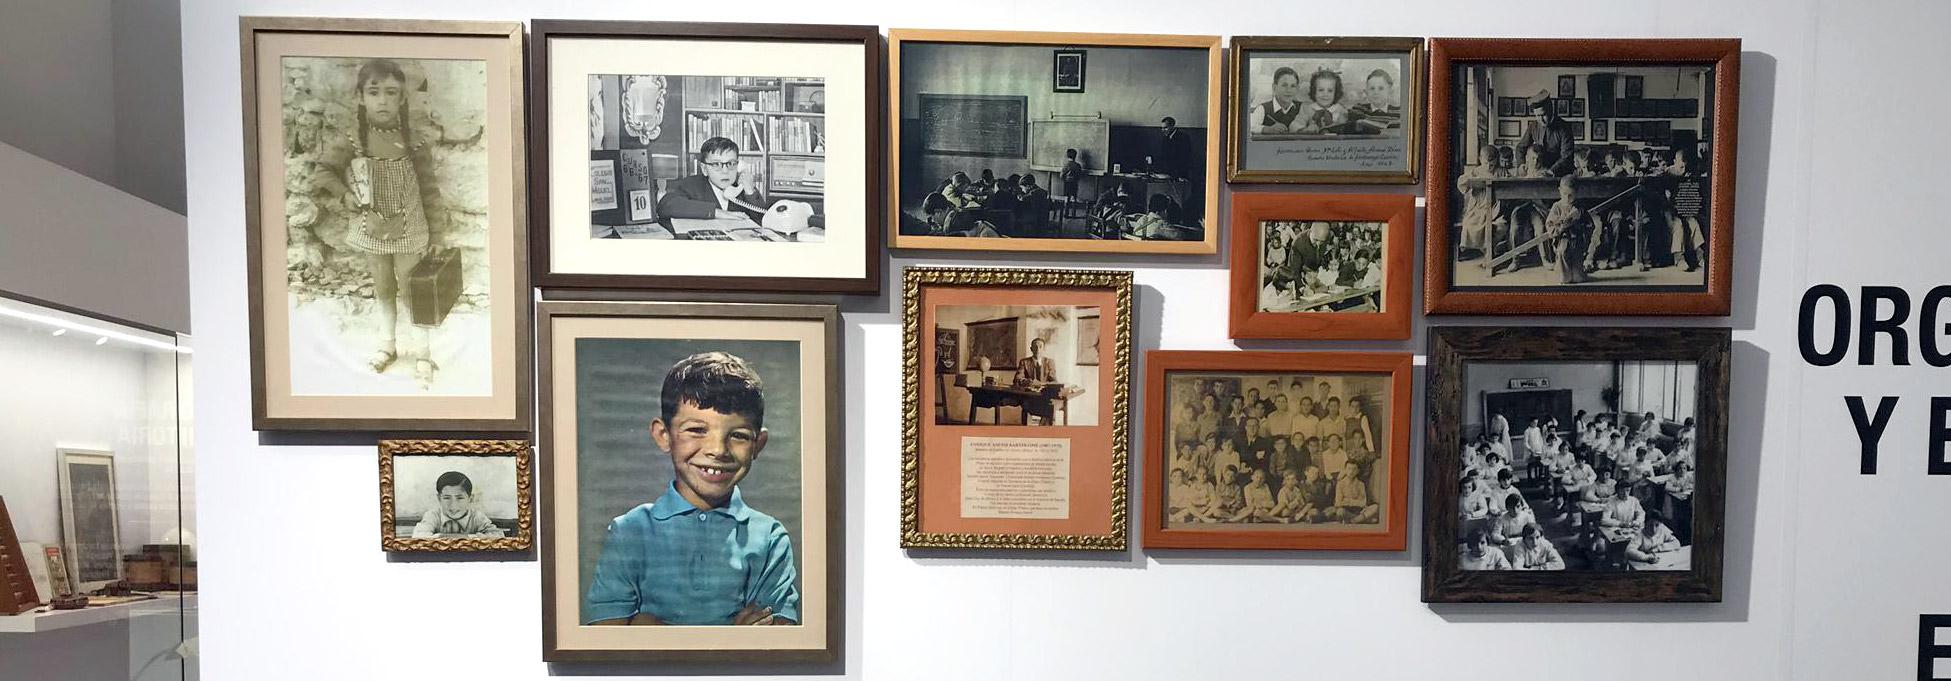 MAE - Museo Andaluz de la Educación - FANS Marketing MÁLAGA